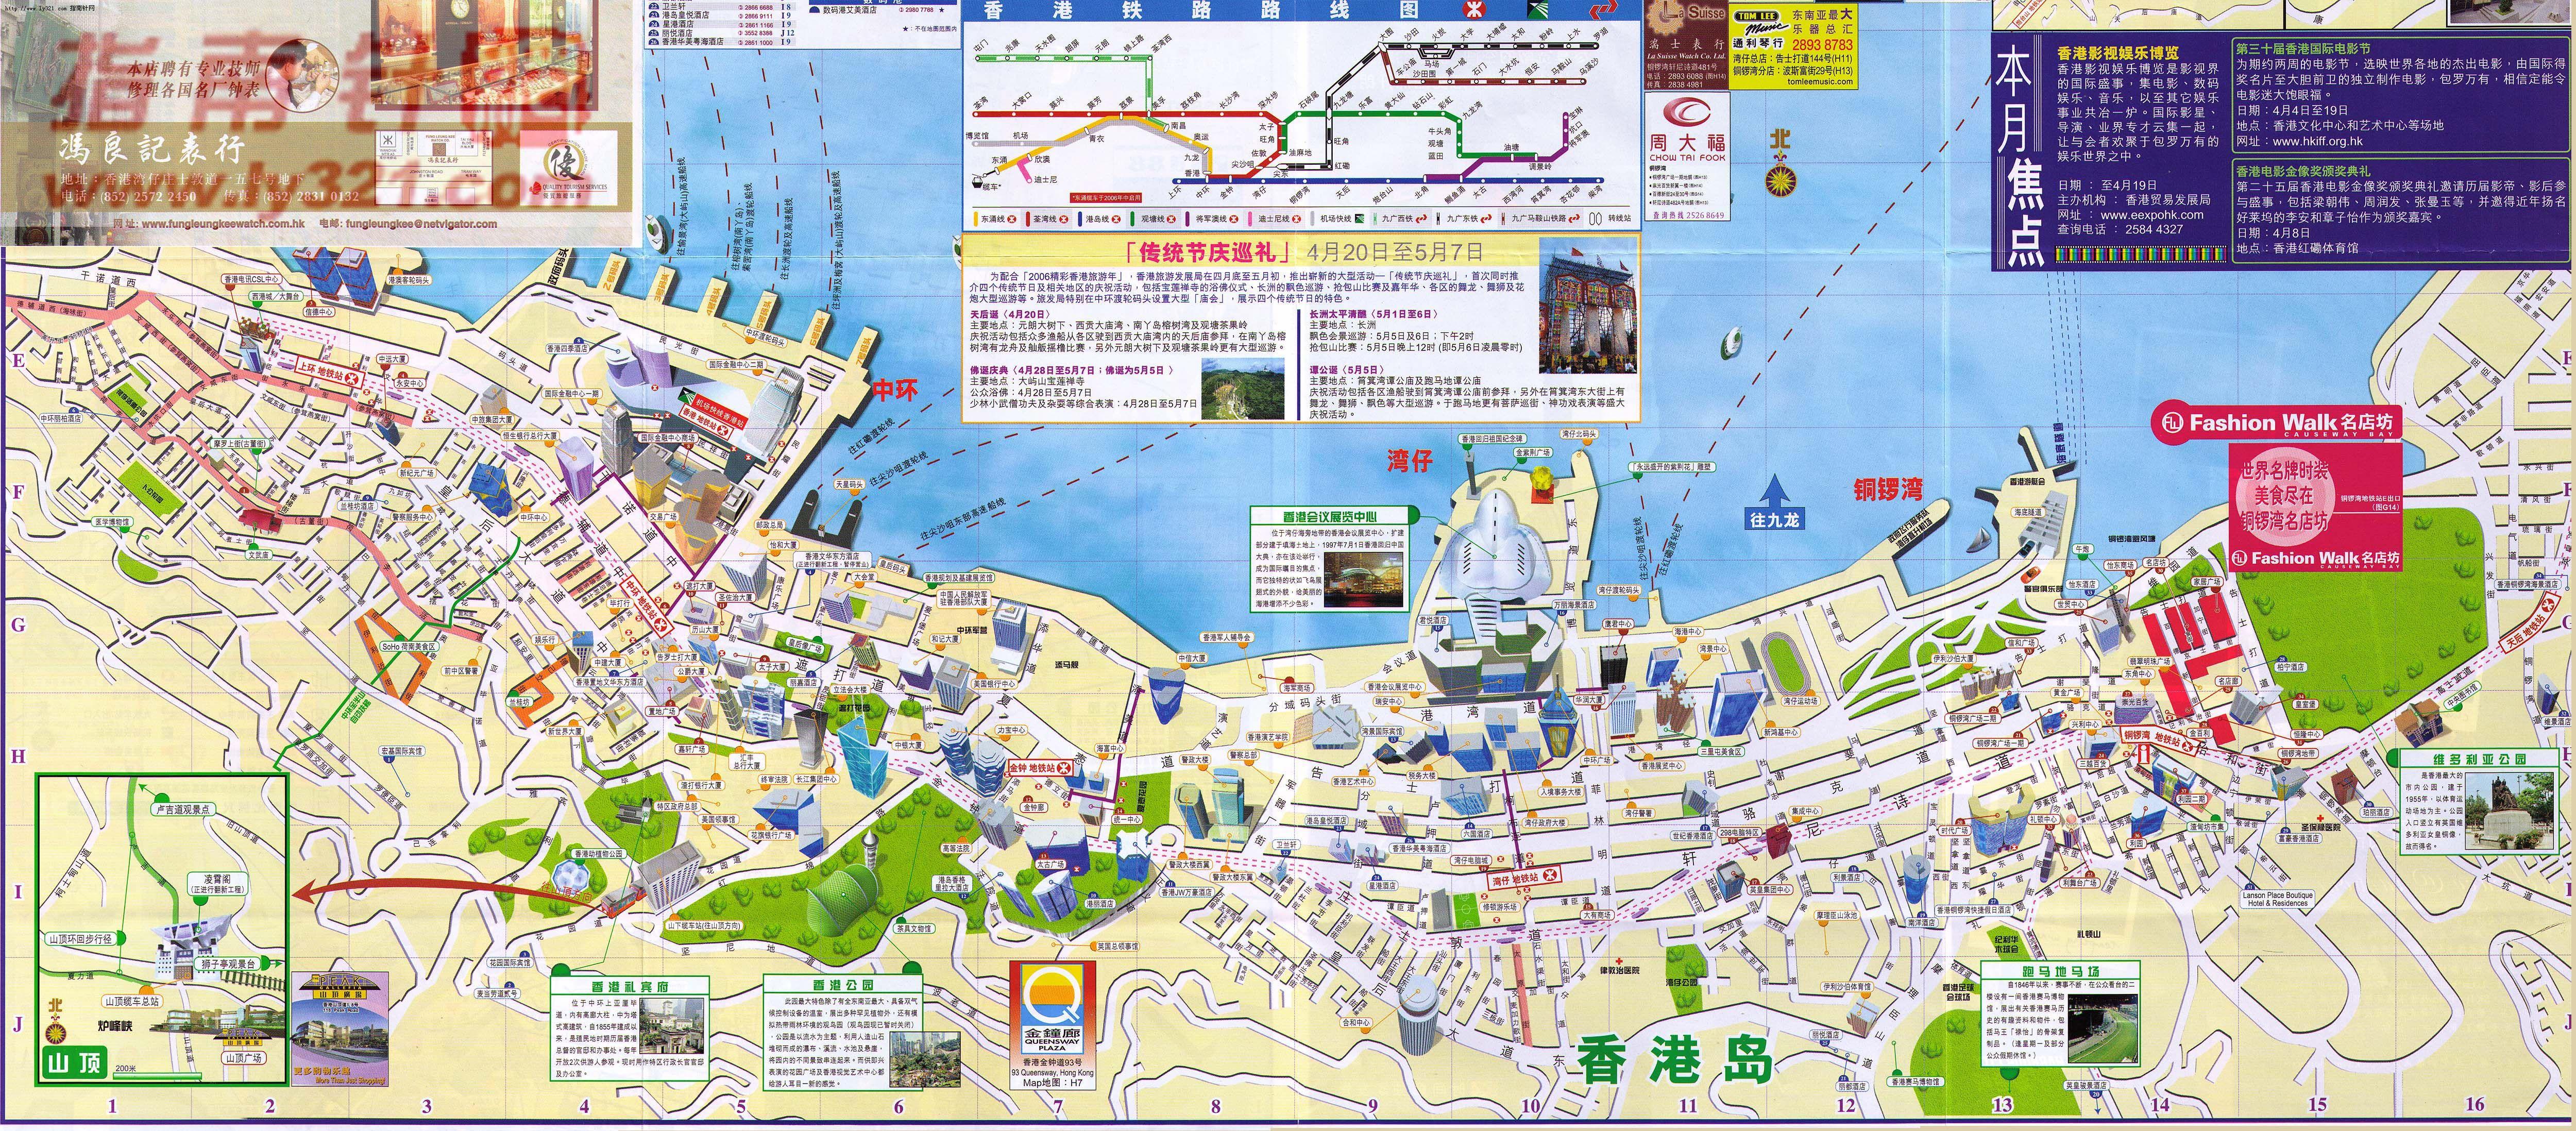 香港岛地图